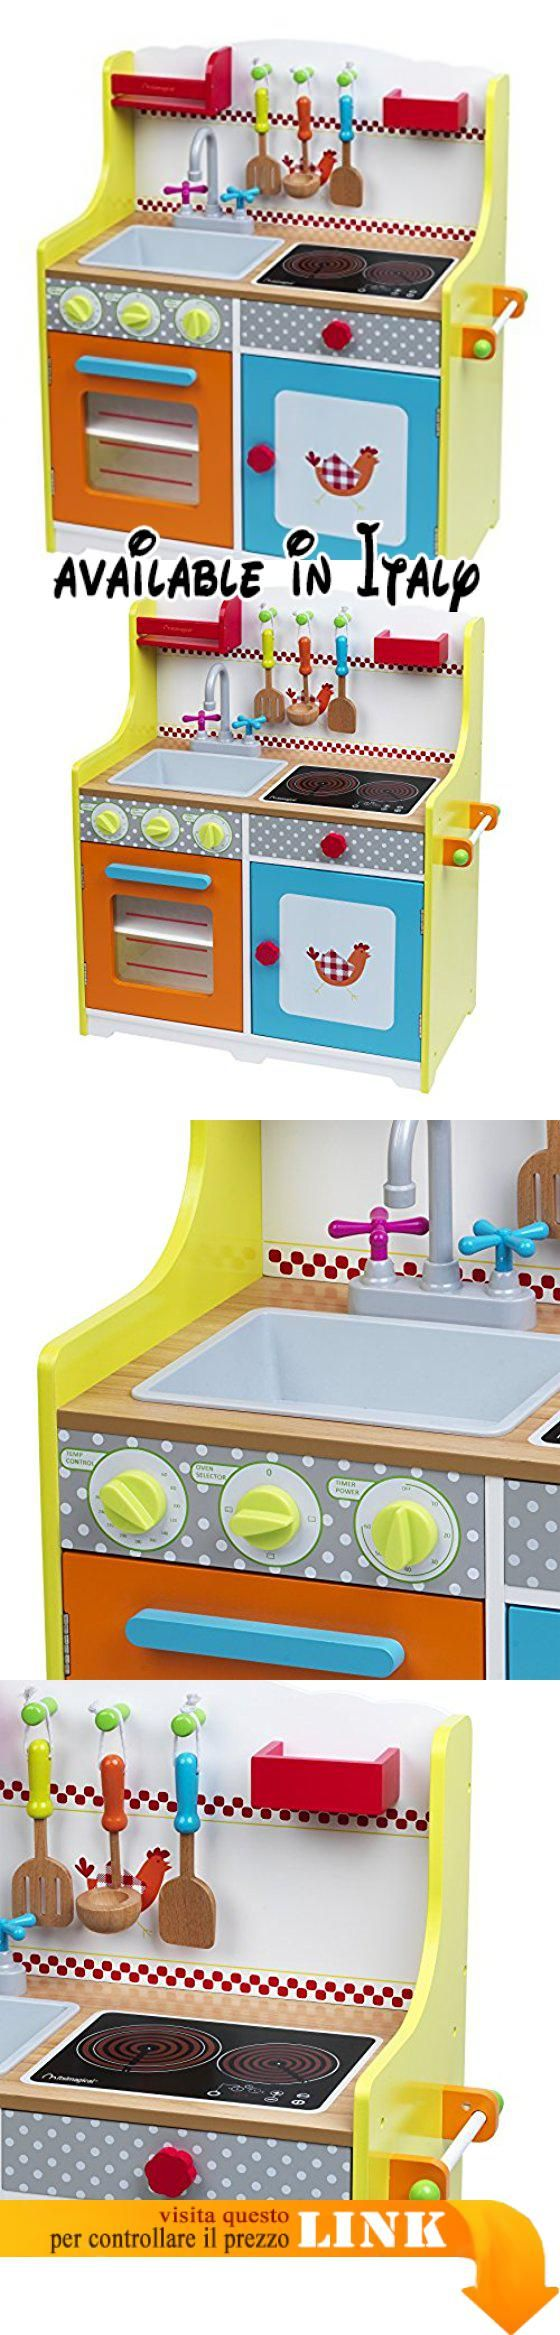 Oltre 25 fantastiche idee su Cucina giocattolo su Pinterest ...